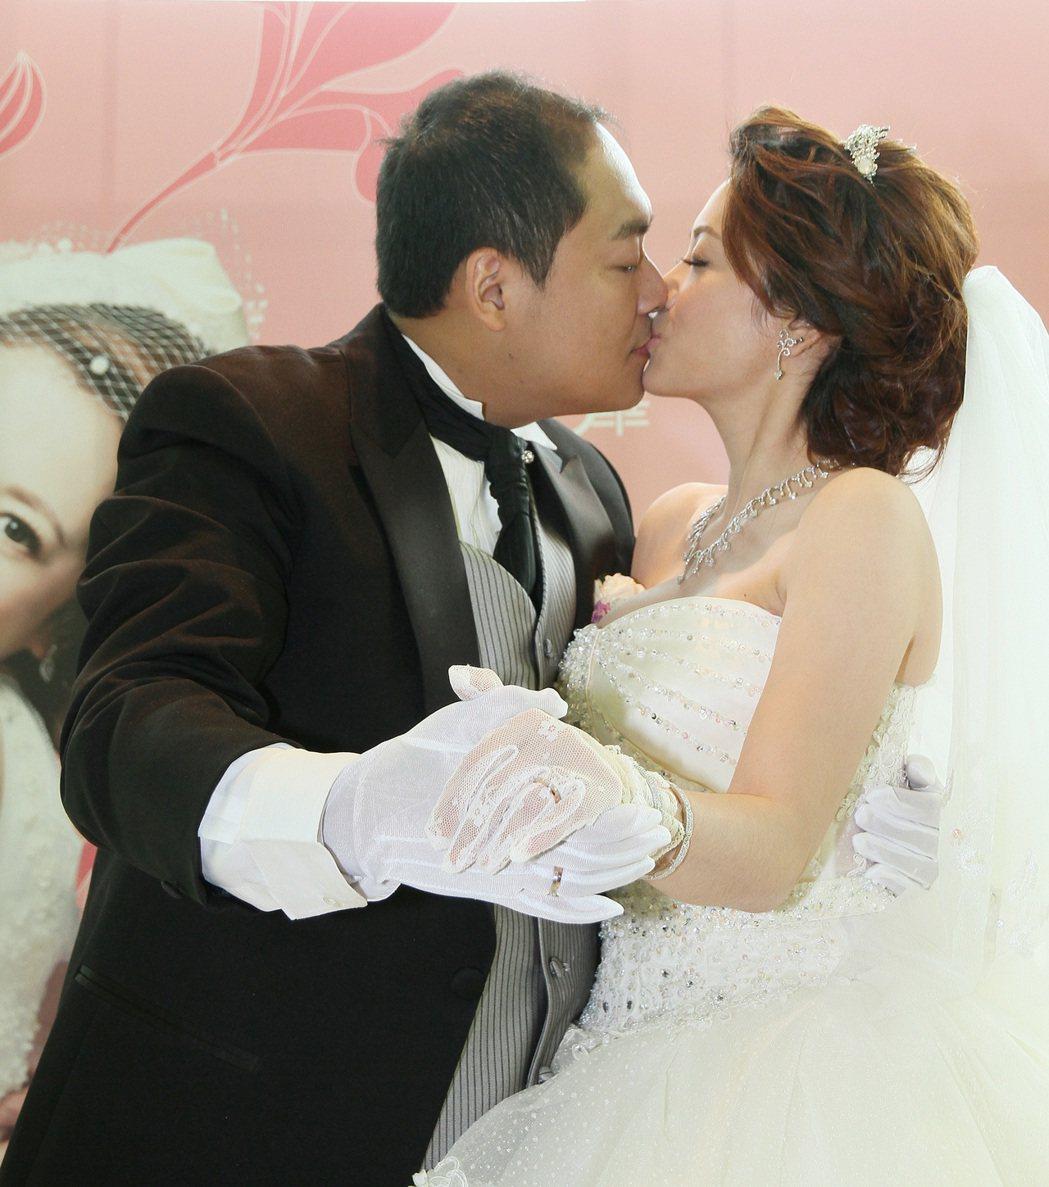 水果妹柯以柔(右)當年與廚師老公郭宗坤結婚洋溢幸福笑容。圖/聯合報系資料照